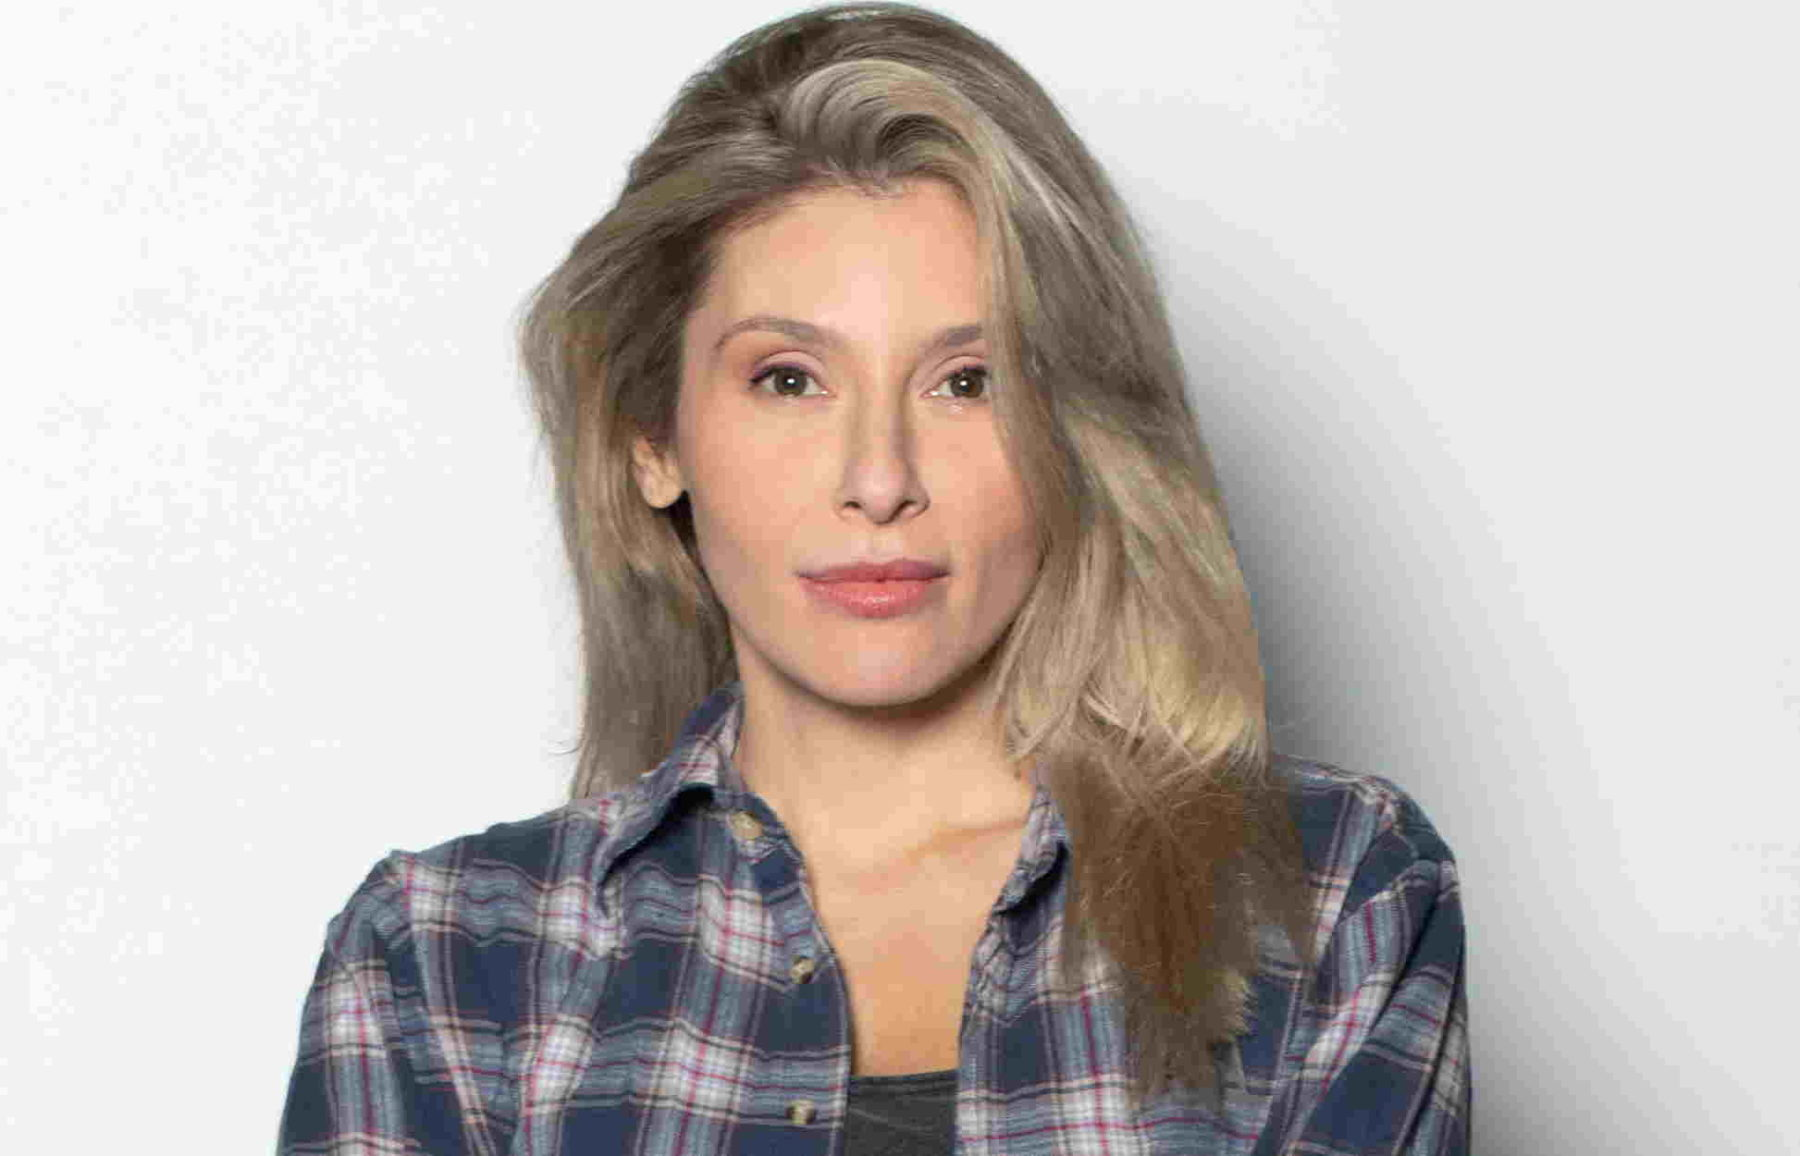 Φάρμα - Μαρία Φραγκάκη: Ποιους παίκτες θέλει να δει στον τελικό του ριάλιτι του ΑΝΤ1;